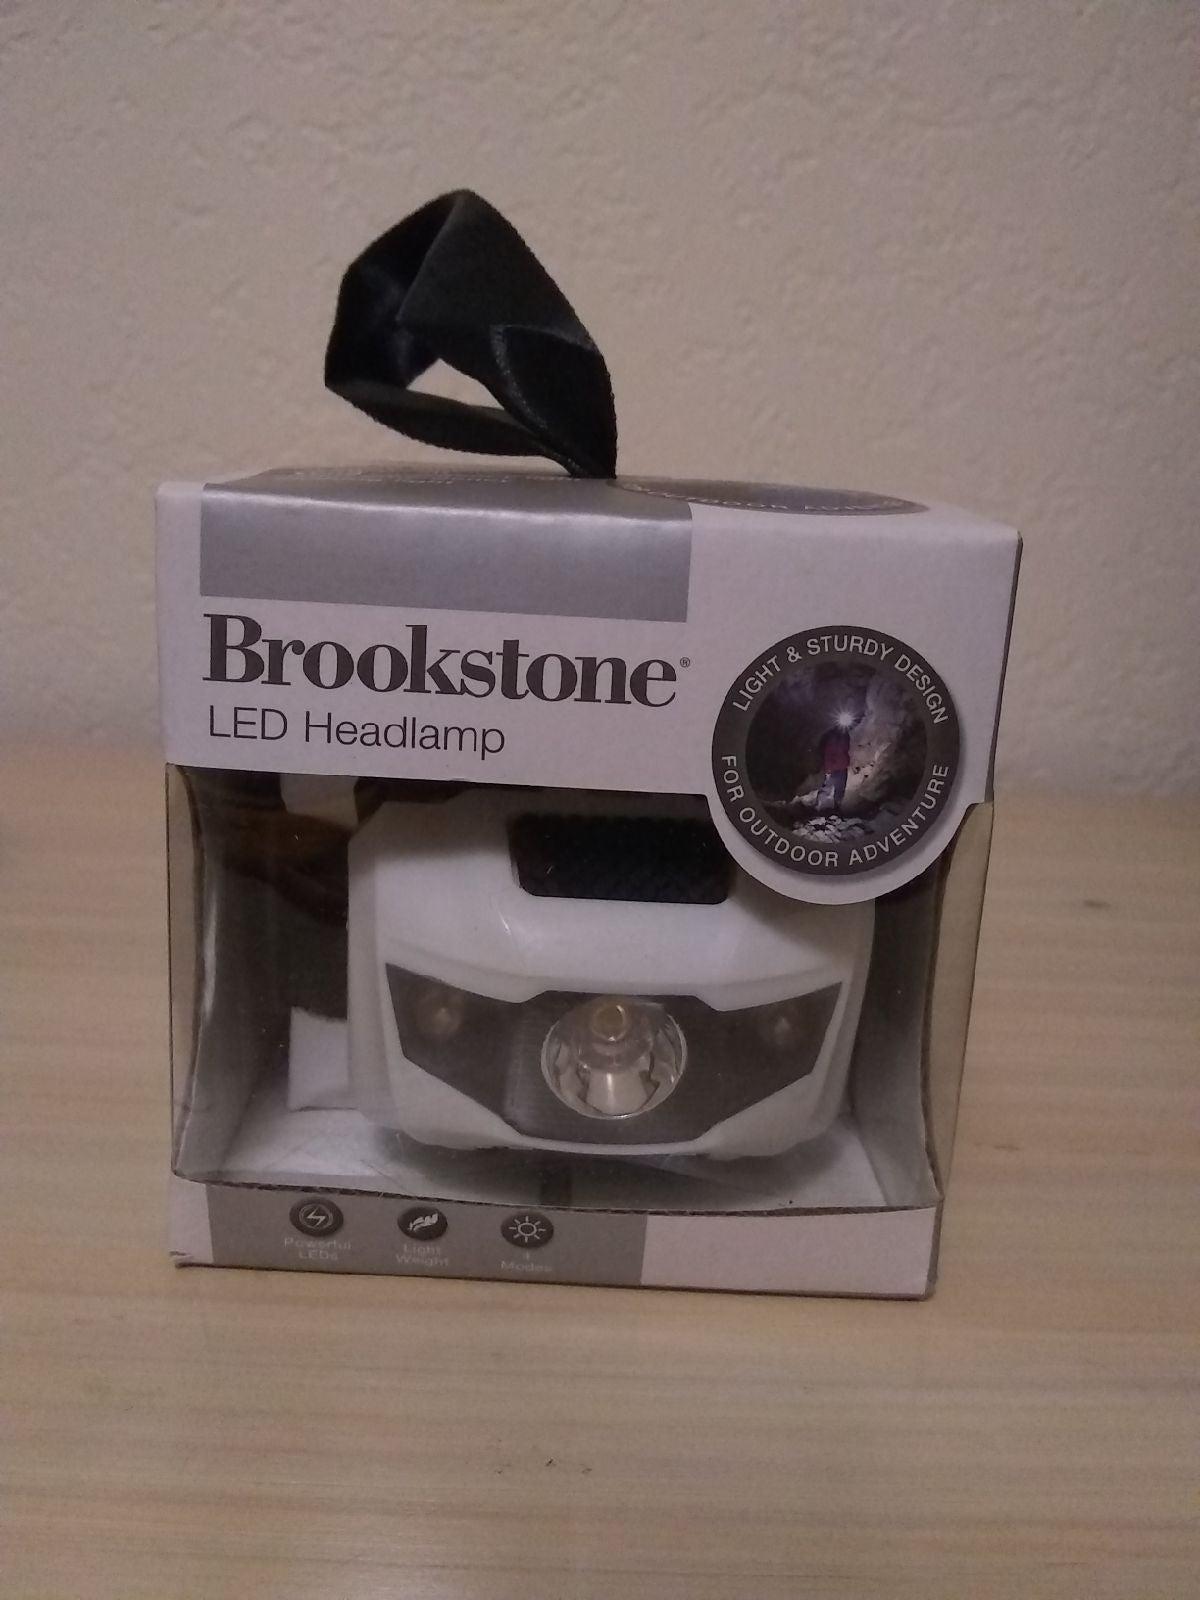 Brookstone LED Headlamp